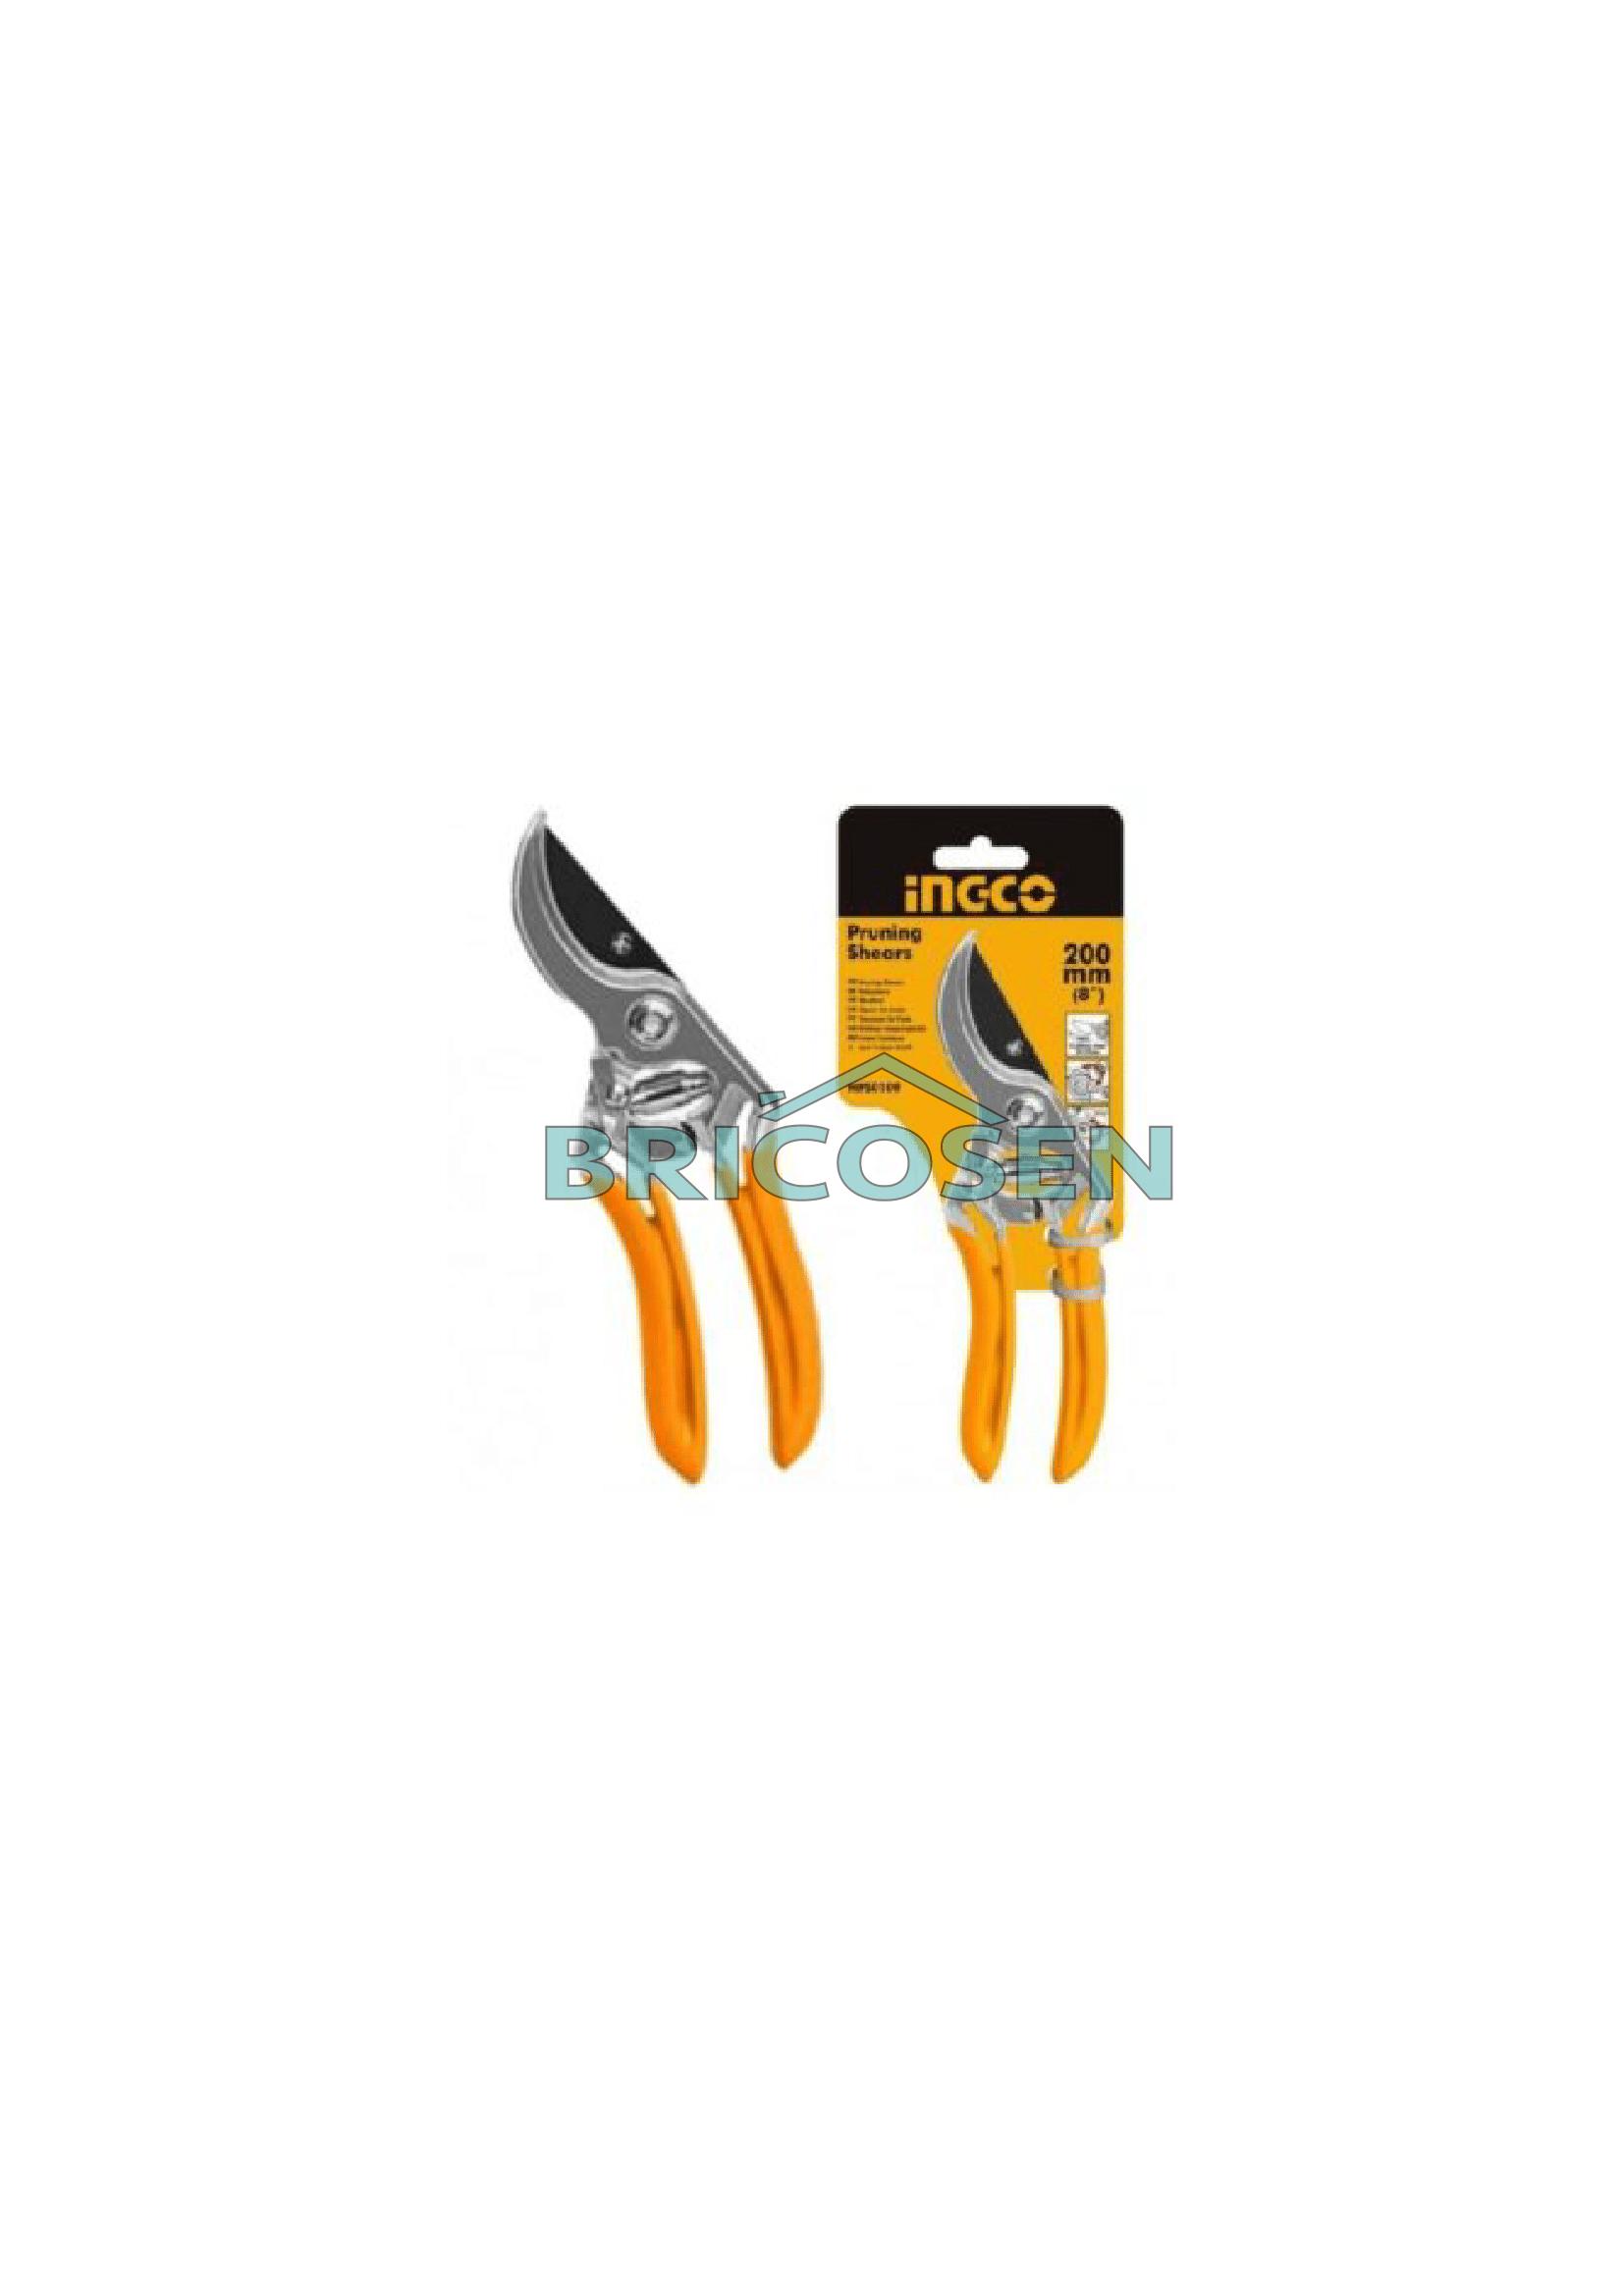 secateur ingco hps0109 bricosen quincaillerie senegal